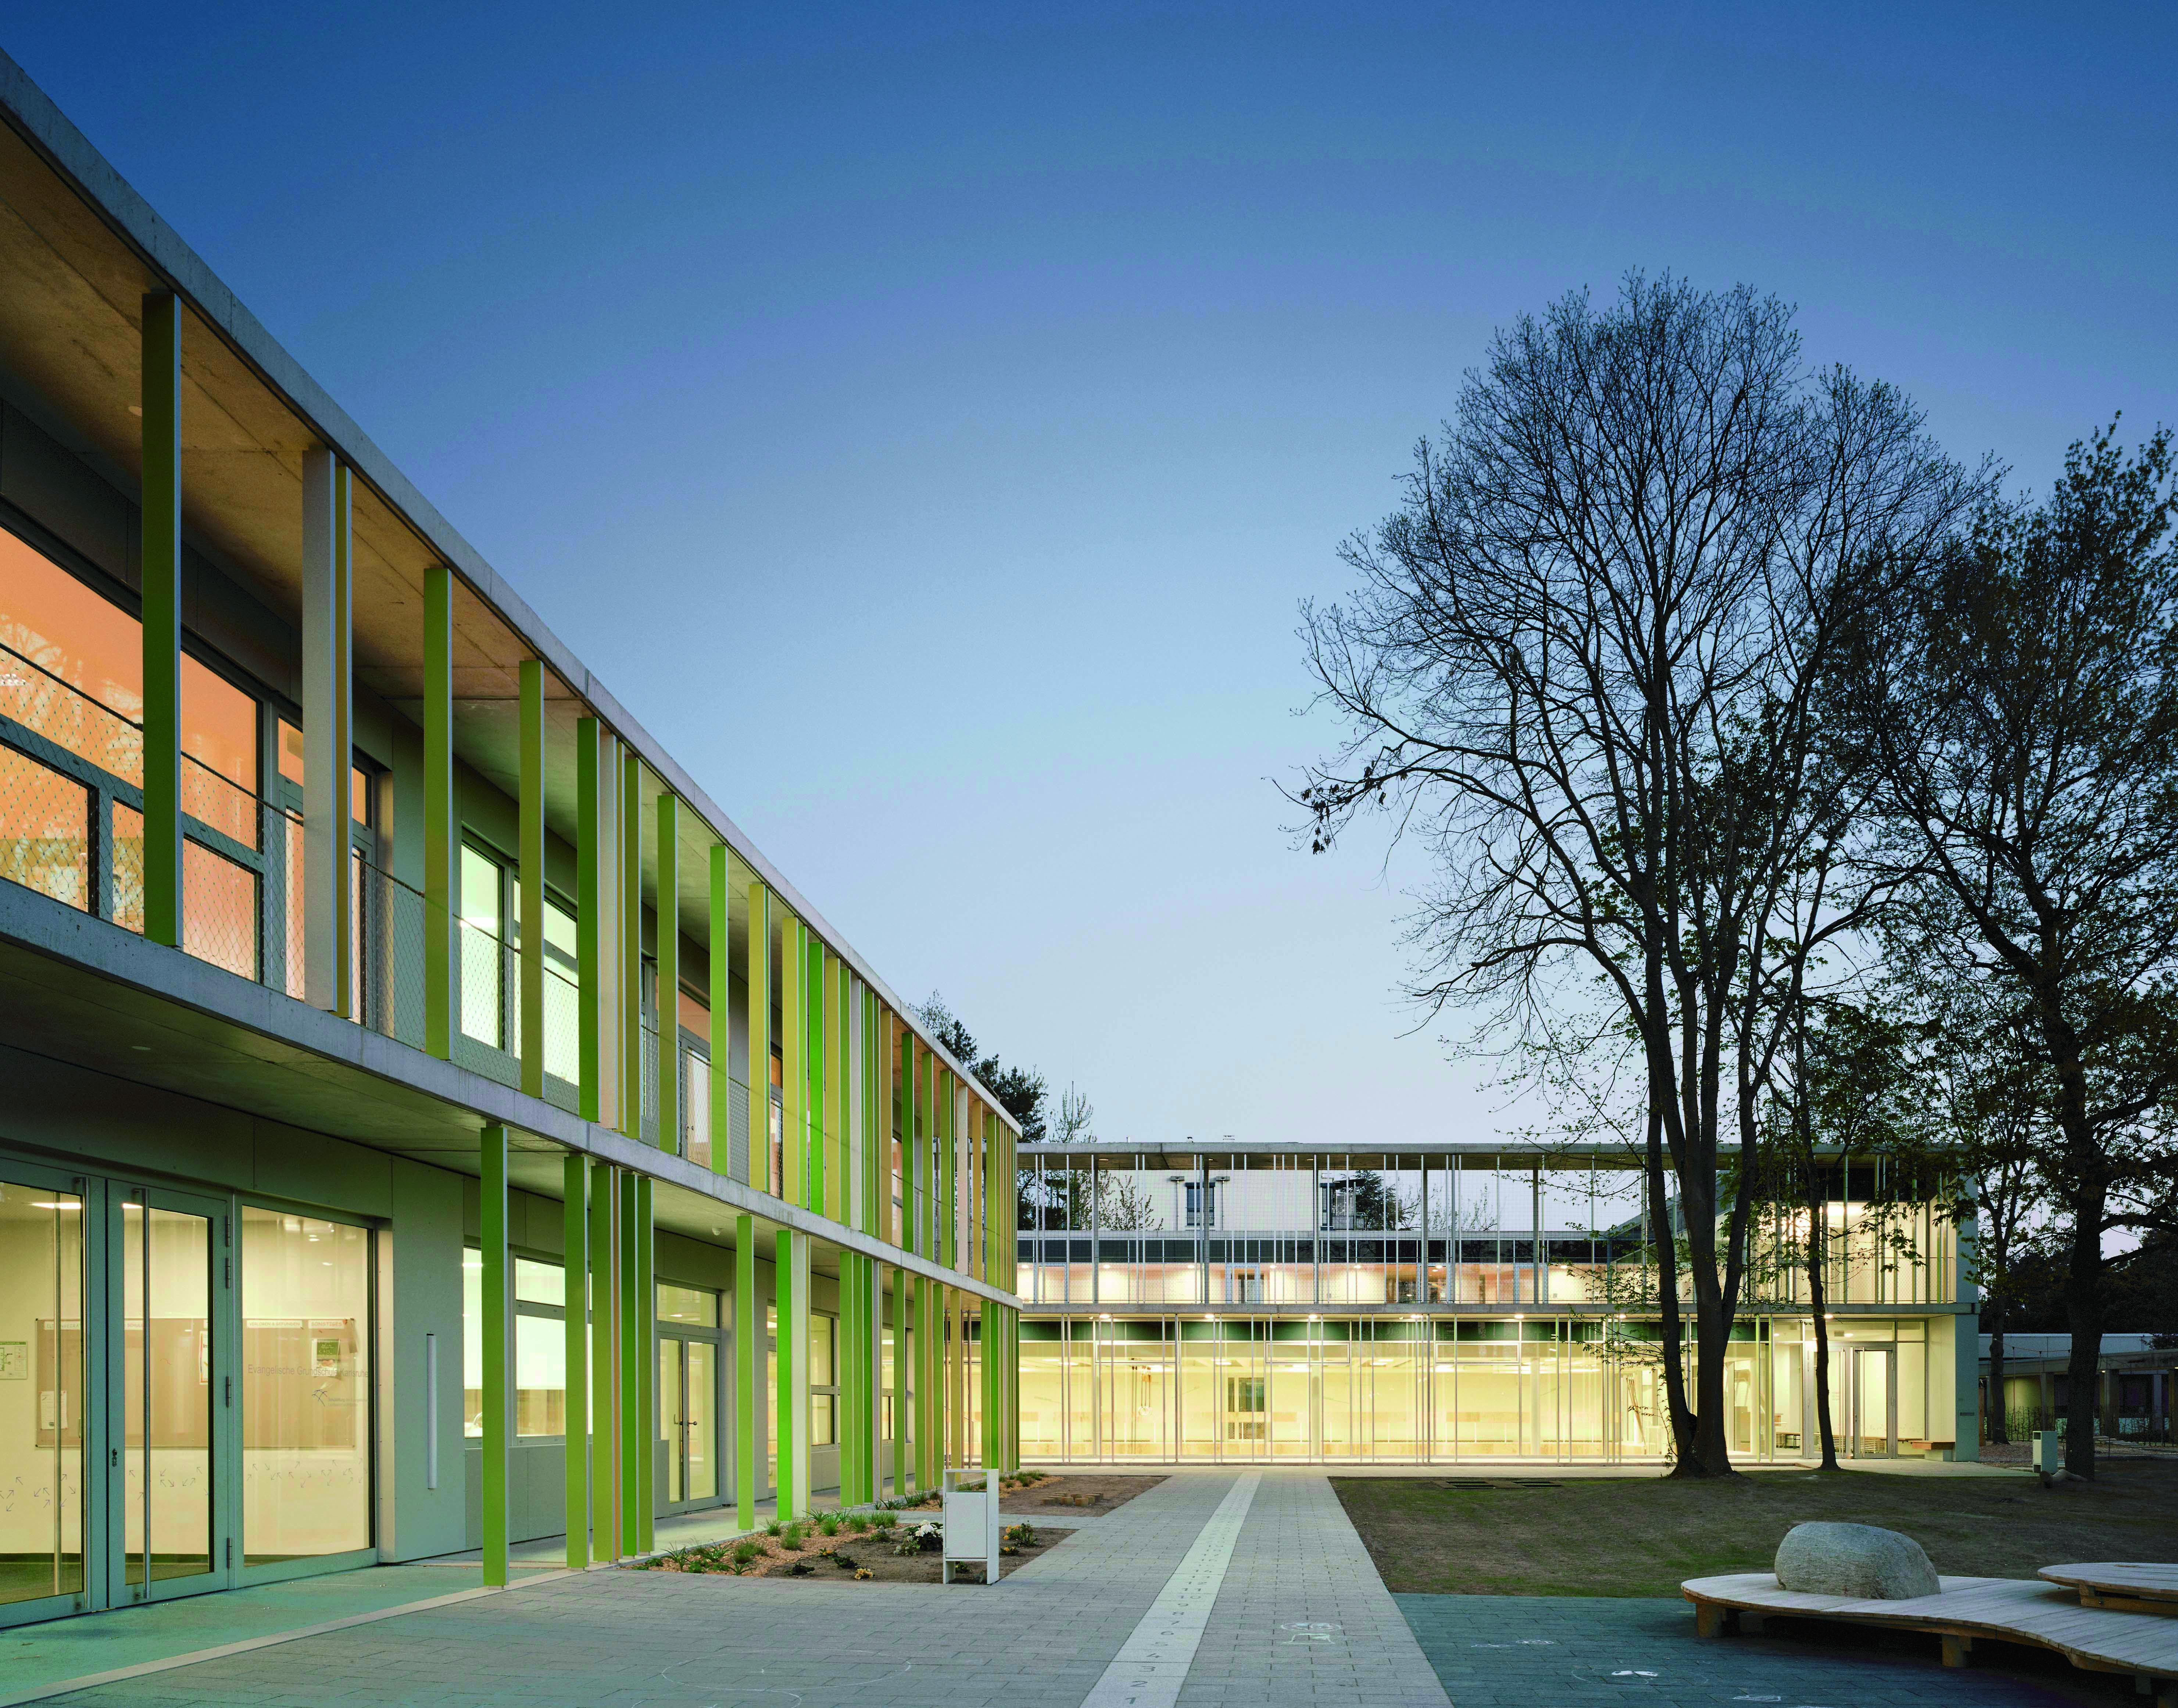 Evangelische Grundschule Karlsruhe